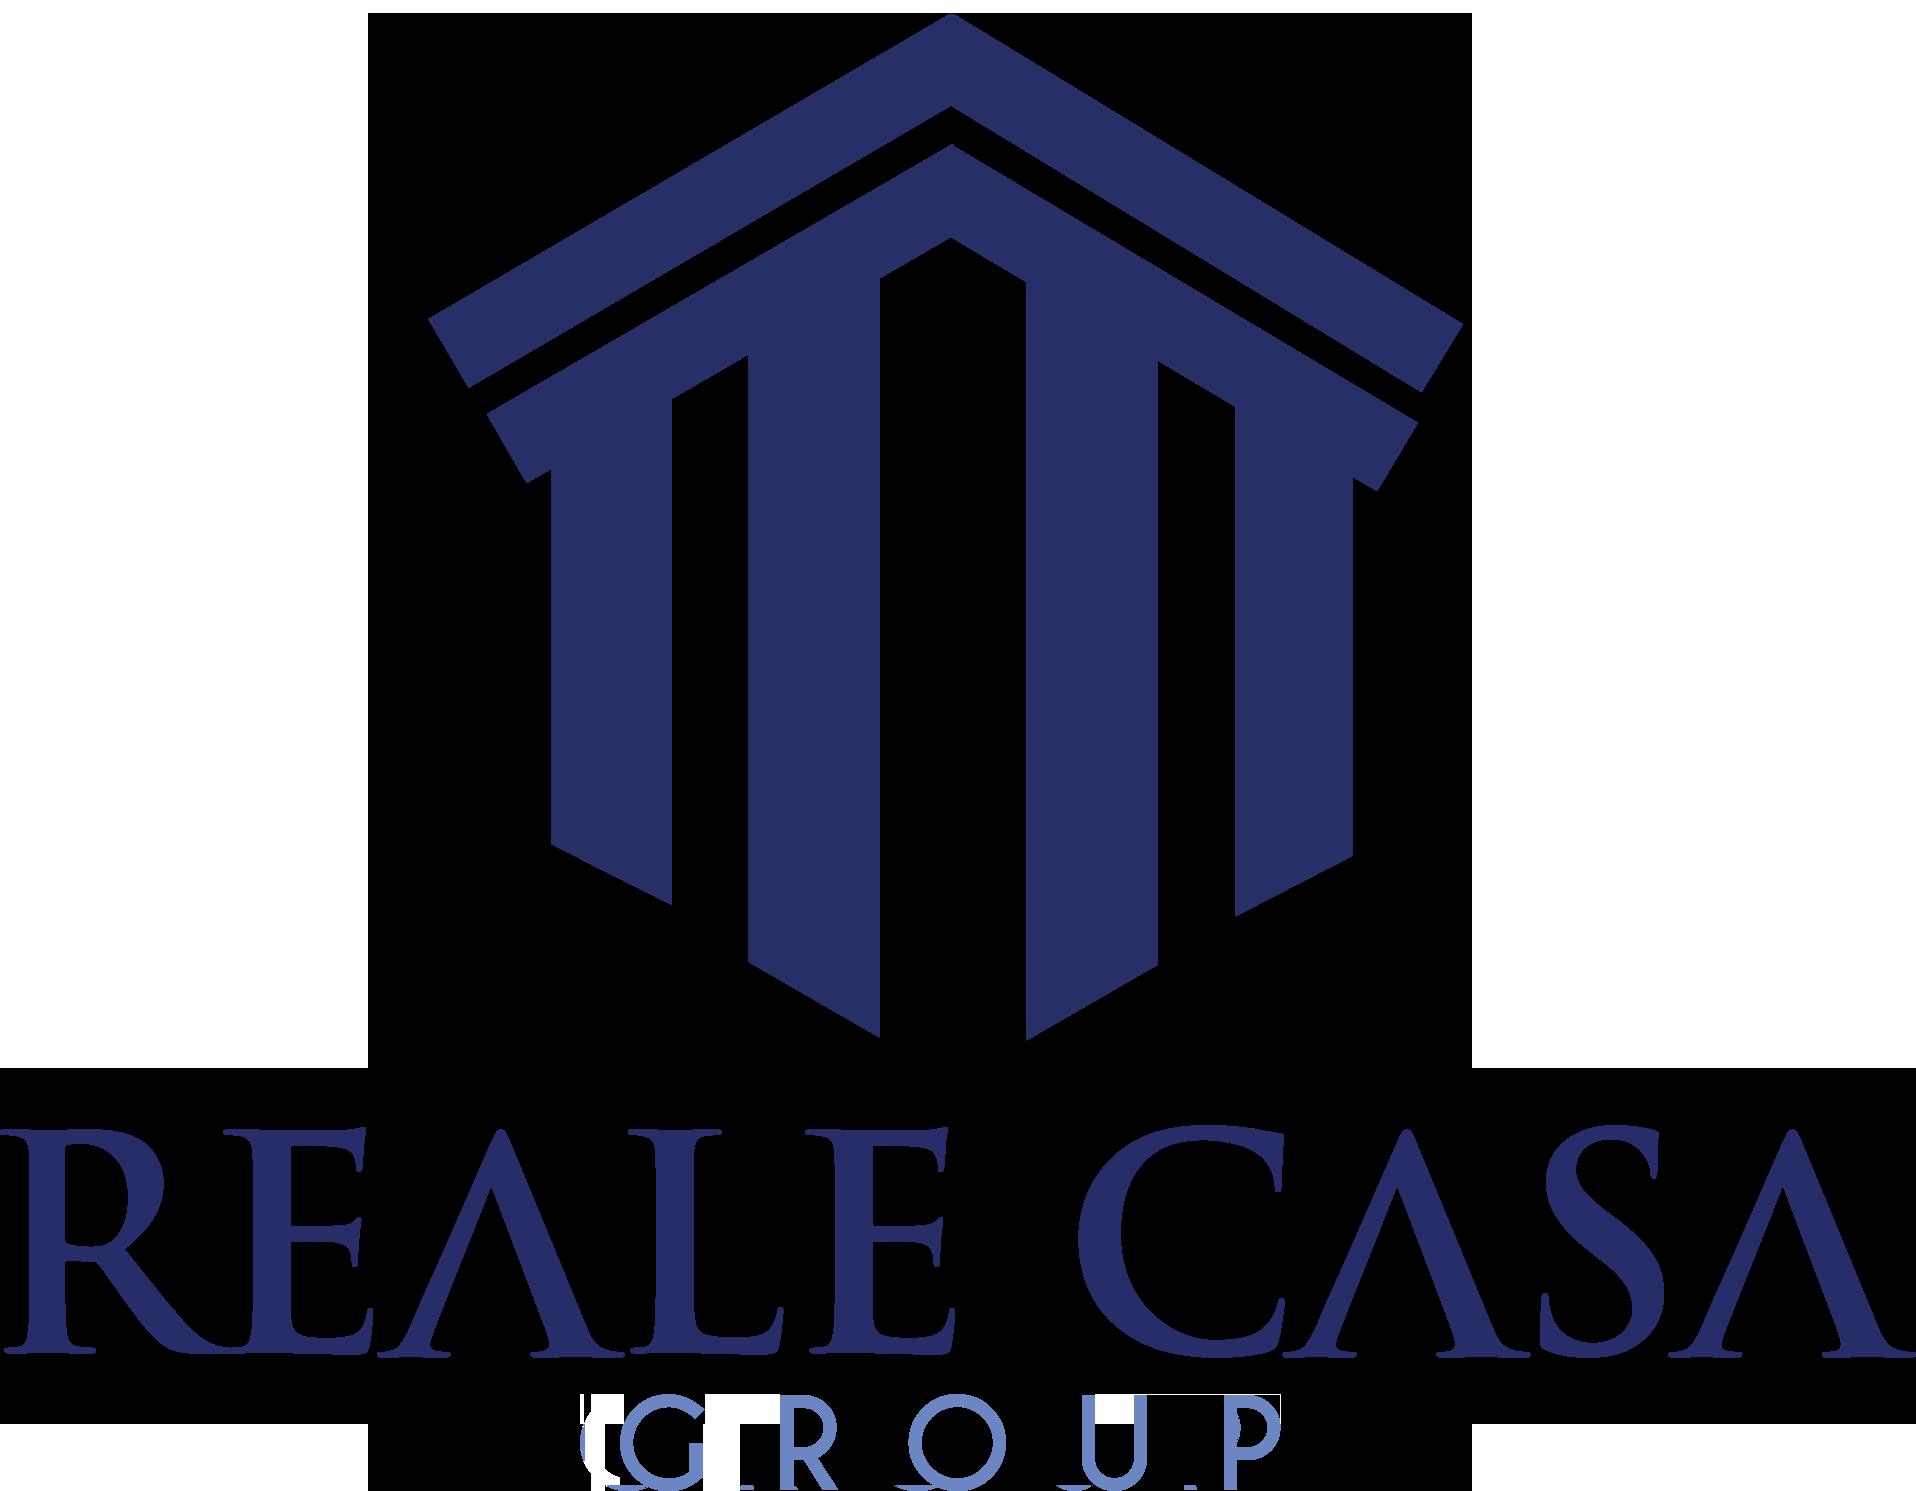 Reale Casa Group | Agenzia Immobiliare a Roma | Immobili in Vendita e in Affitto